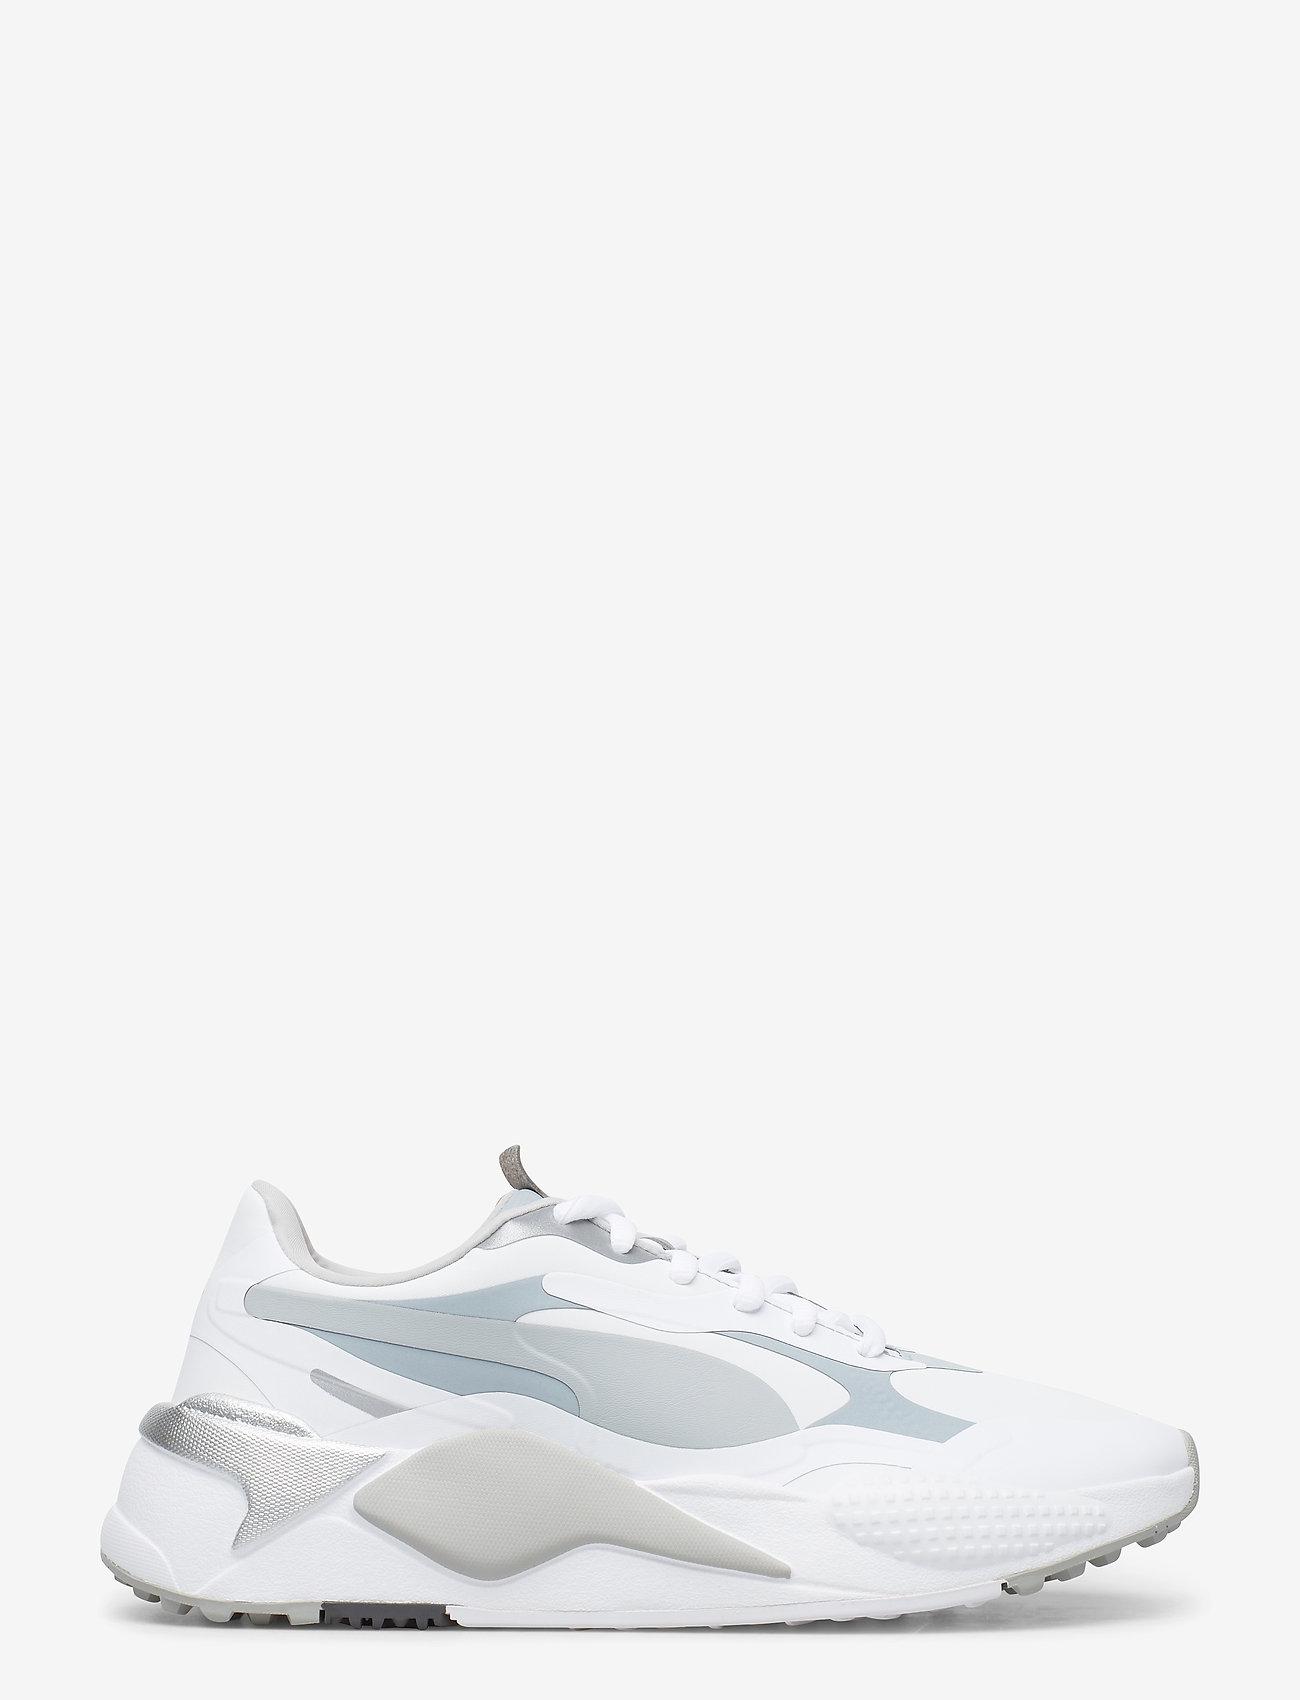 PUMA Golf - RS-G - golf shoes - puma white-quiet shade-quarry - 1